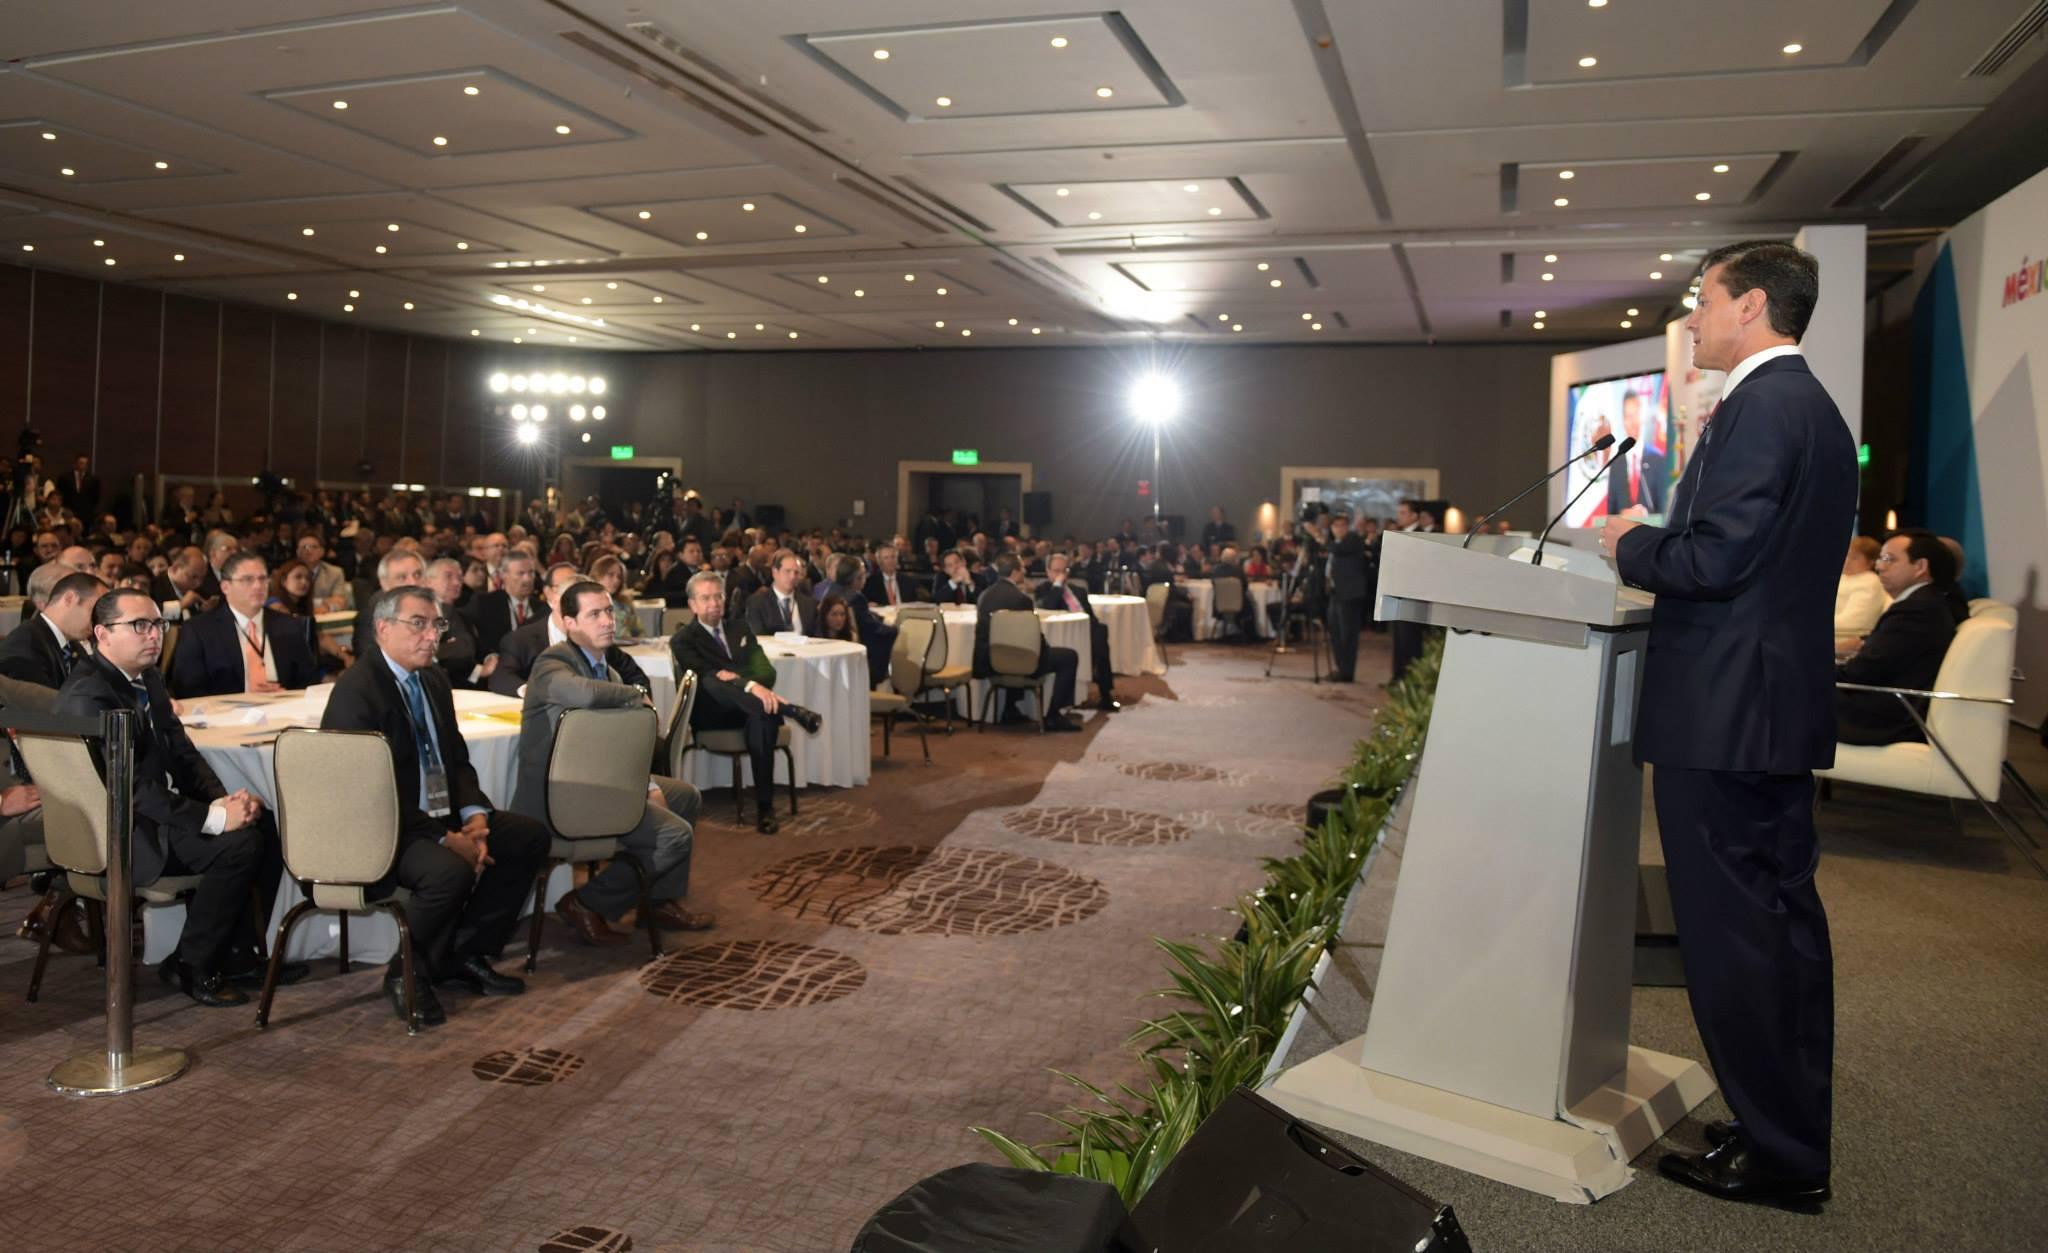 Palabras del Presidente de los Estados Unidos Mexicanos, licenciado Enrique Peña Nieto, durante el Foro Comercio e Inversiones Chile-México